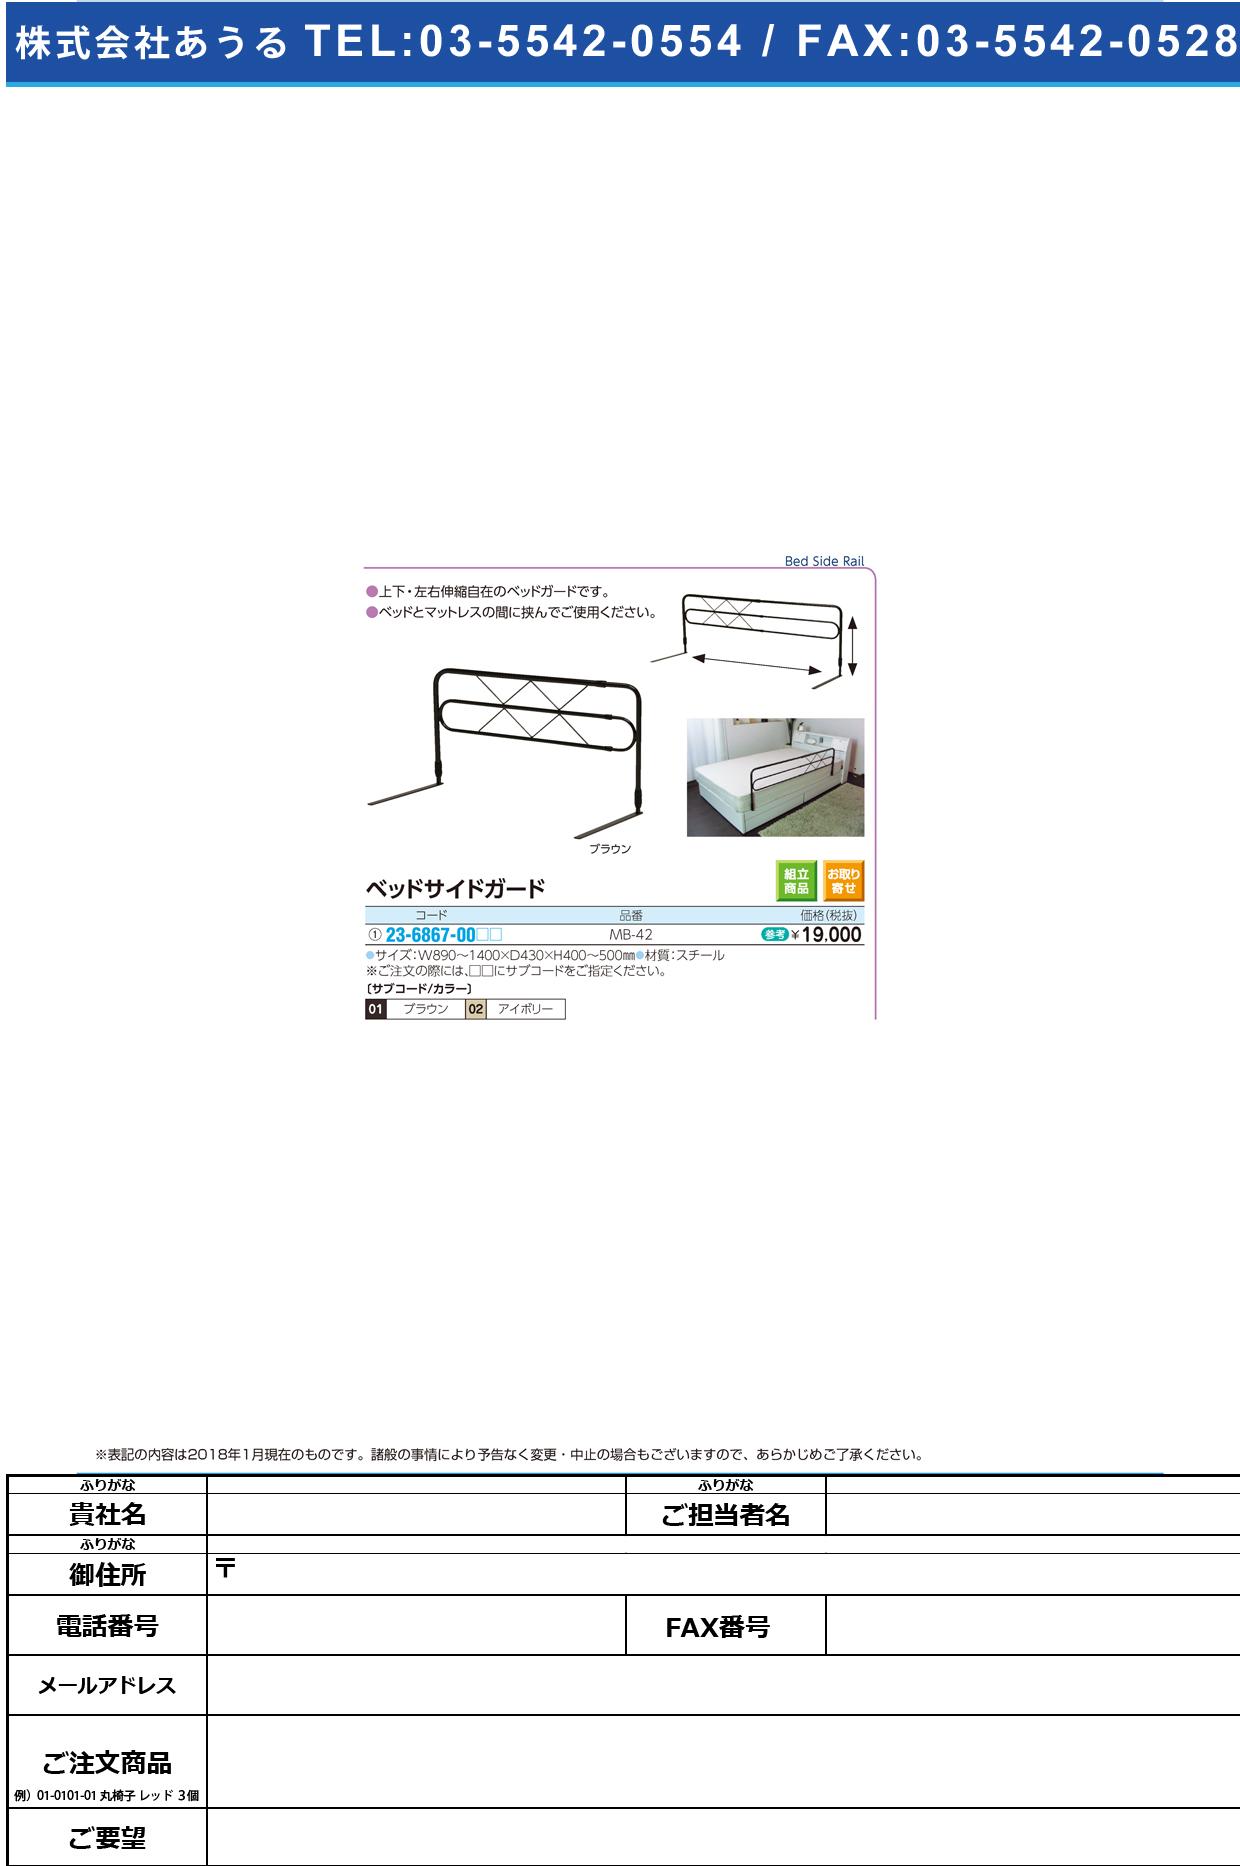 (23-6867-00)ベッドサイドガード MB-42 ベッドサイドガード ブラウン【1個単位】【2018年カタログ商品】